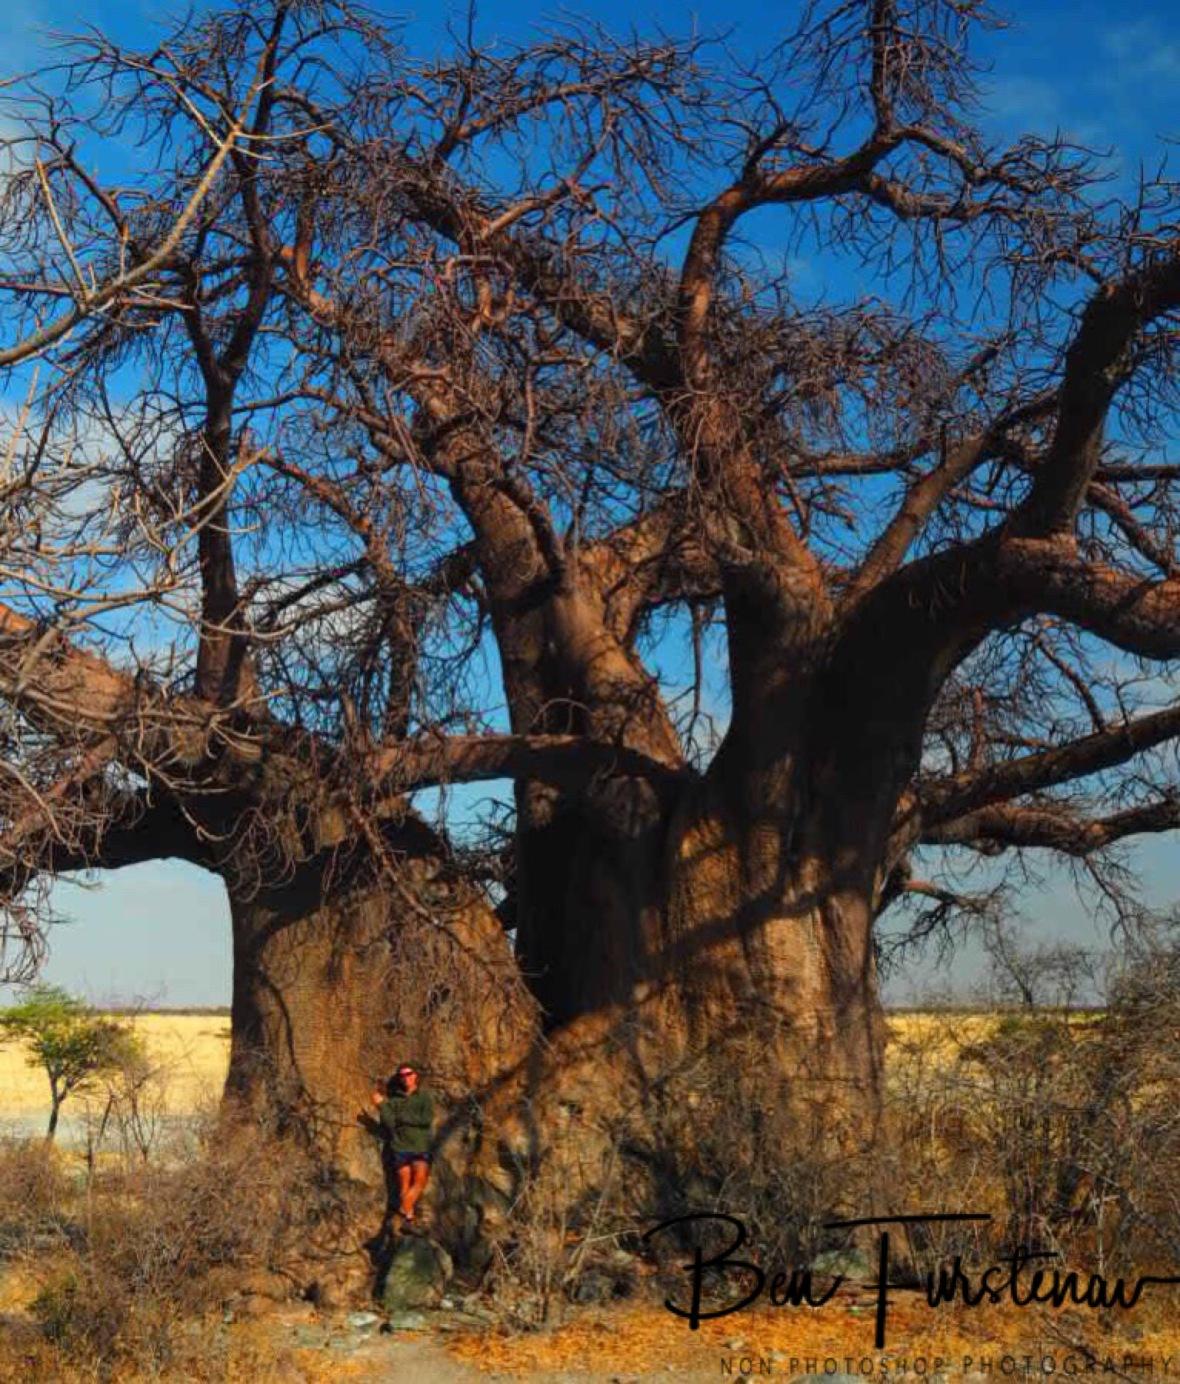 Colossal in size, Kubu Island, Makgadikgadi Salt Pans, Botswana